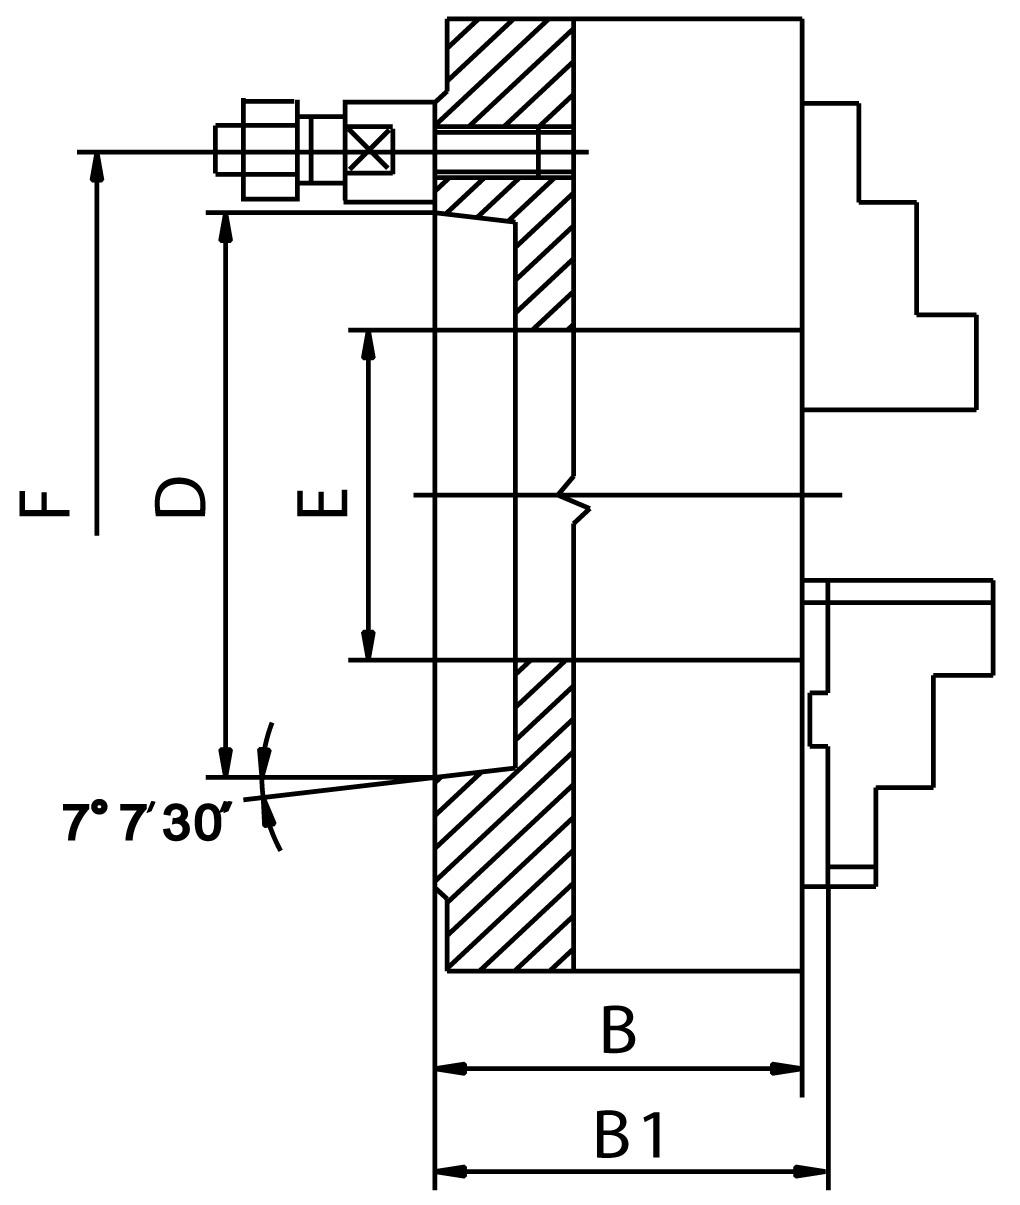 """Смотреть фото №1 для Токарный четырехкулачковый патрон D=200-4\ mm (55027) - STEEL-ZE-8457-204"""""""